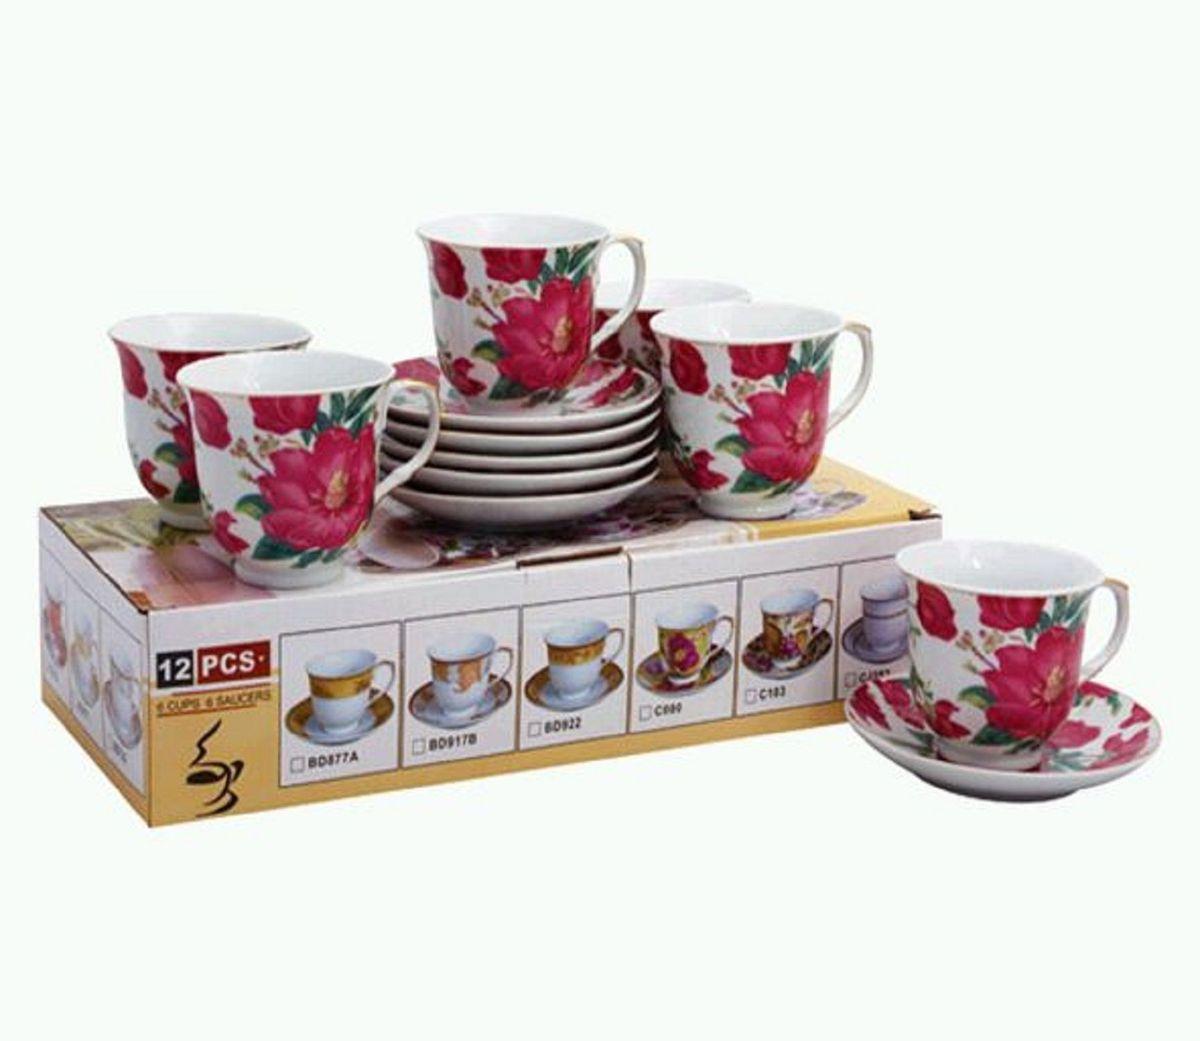 Набор чайный Elff Decor Цветы шиповника, 12 предметов набор для специй elff decor бисквит цвет желтый голубой 2 предмета